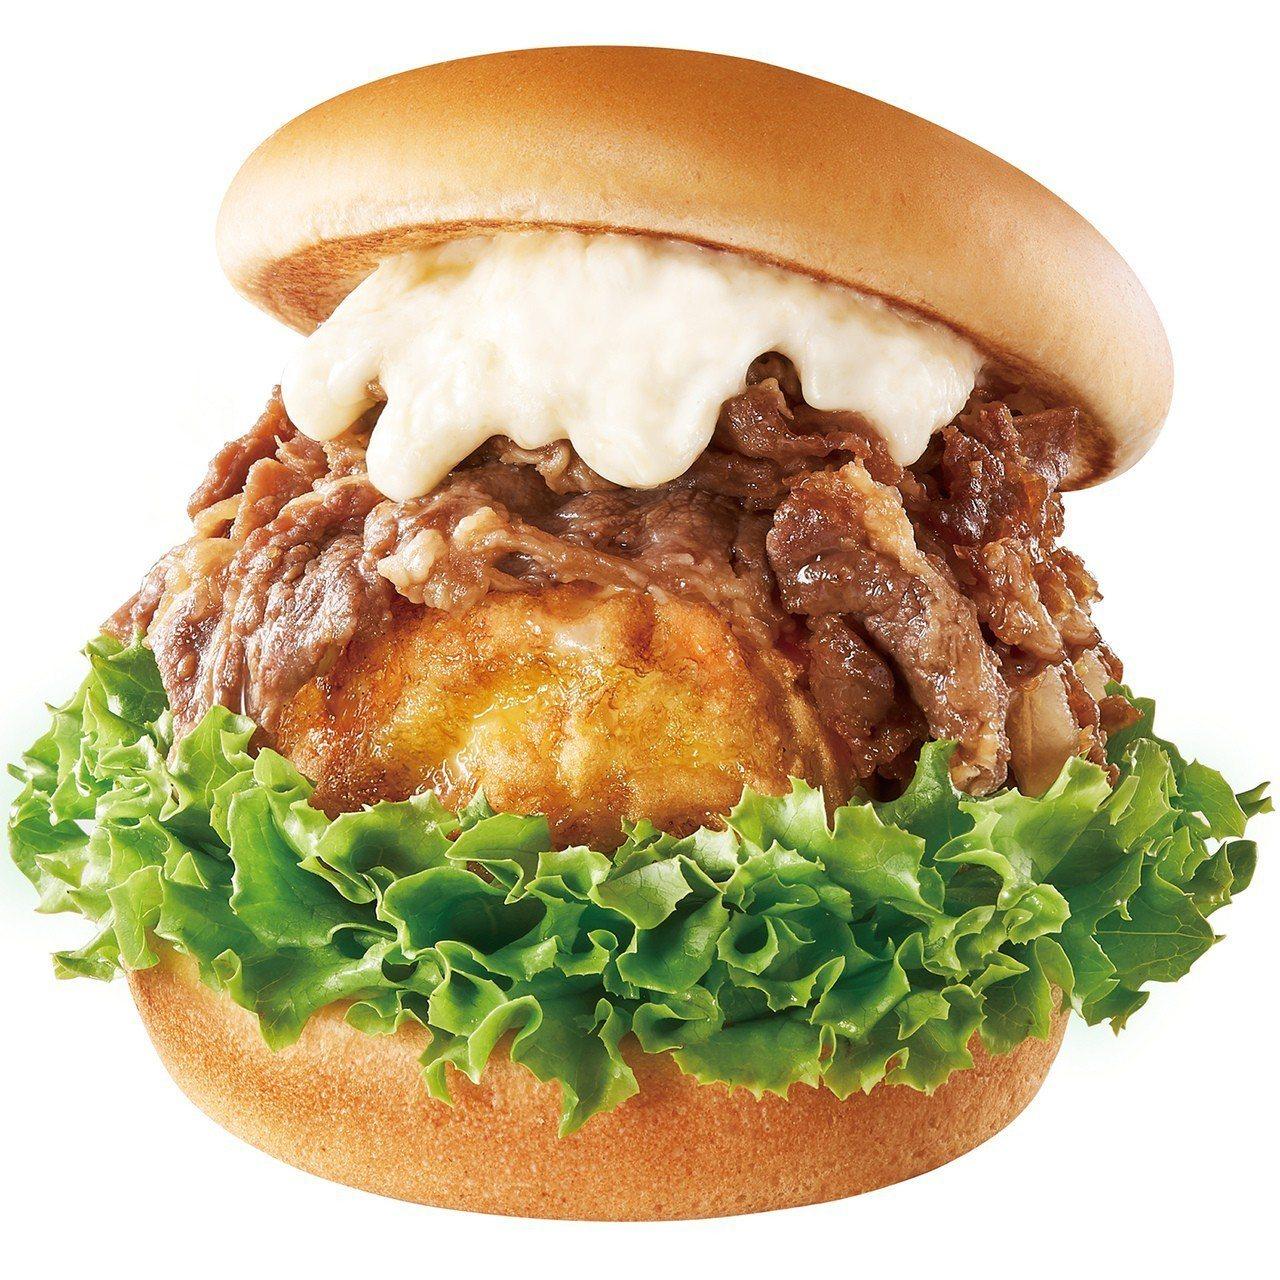 日出燒肉蛋堡,售價100元。圖/摩斯漢堡提供